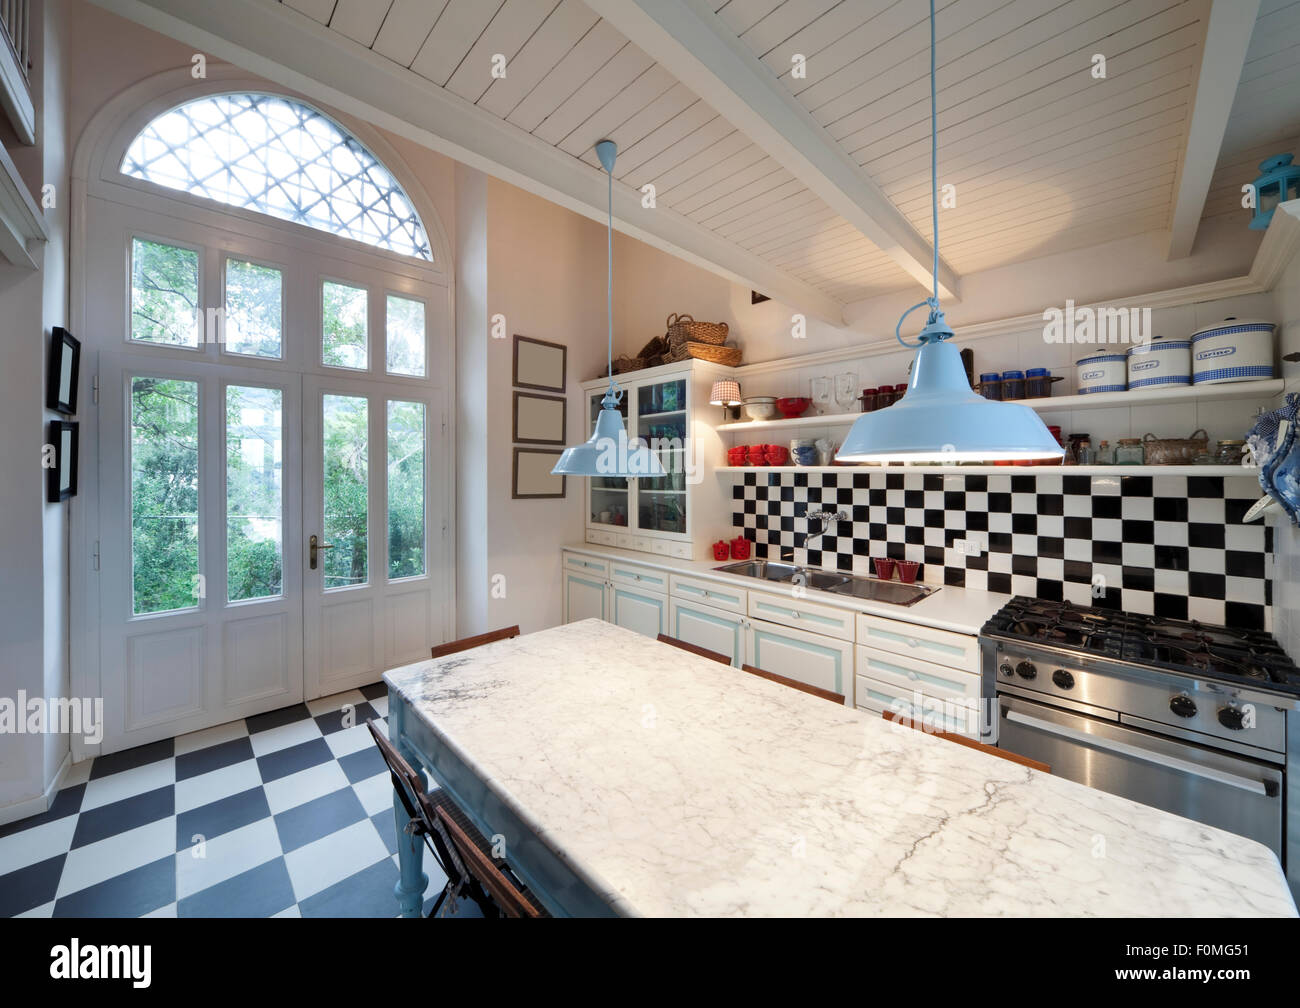 Berühmt Kreative Küchen Und Bäder Ayer Ma Fotos - Ideen Für Die ...